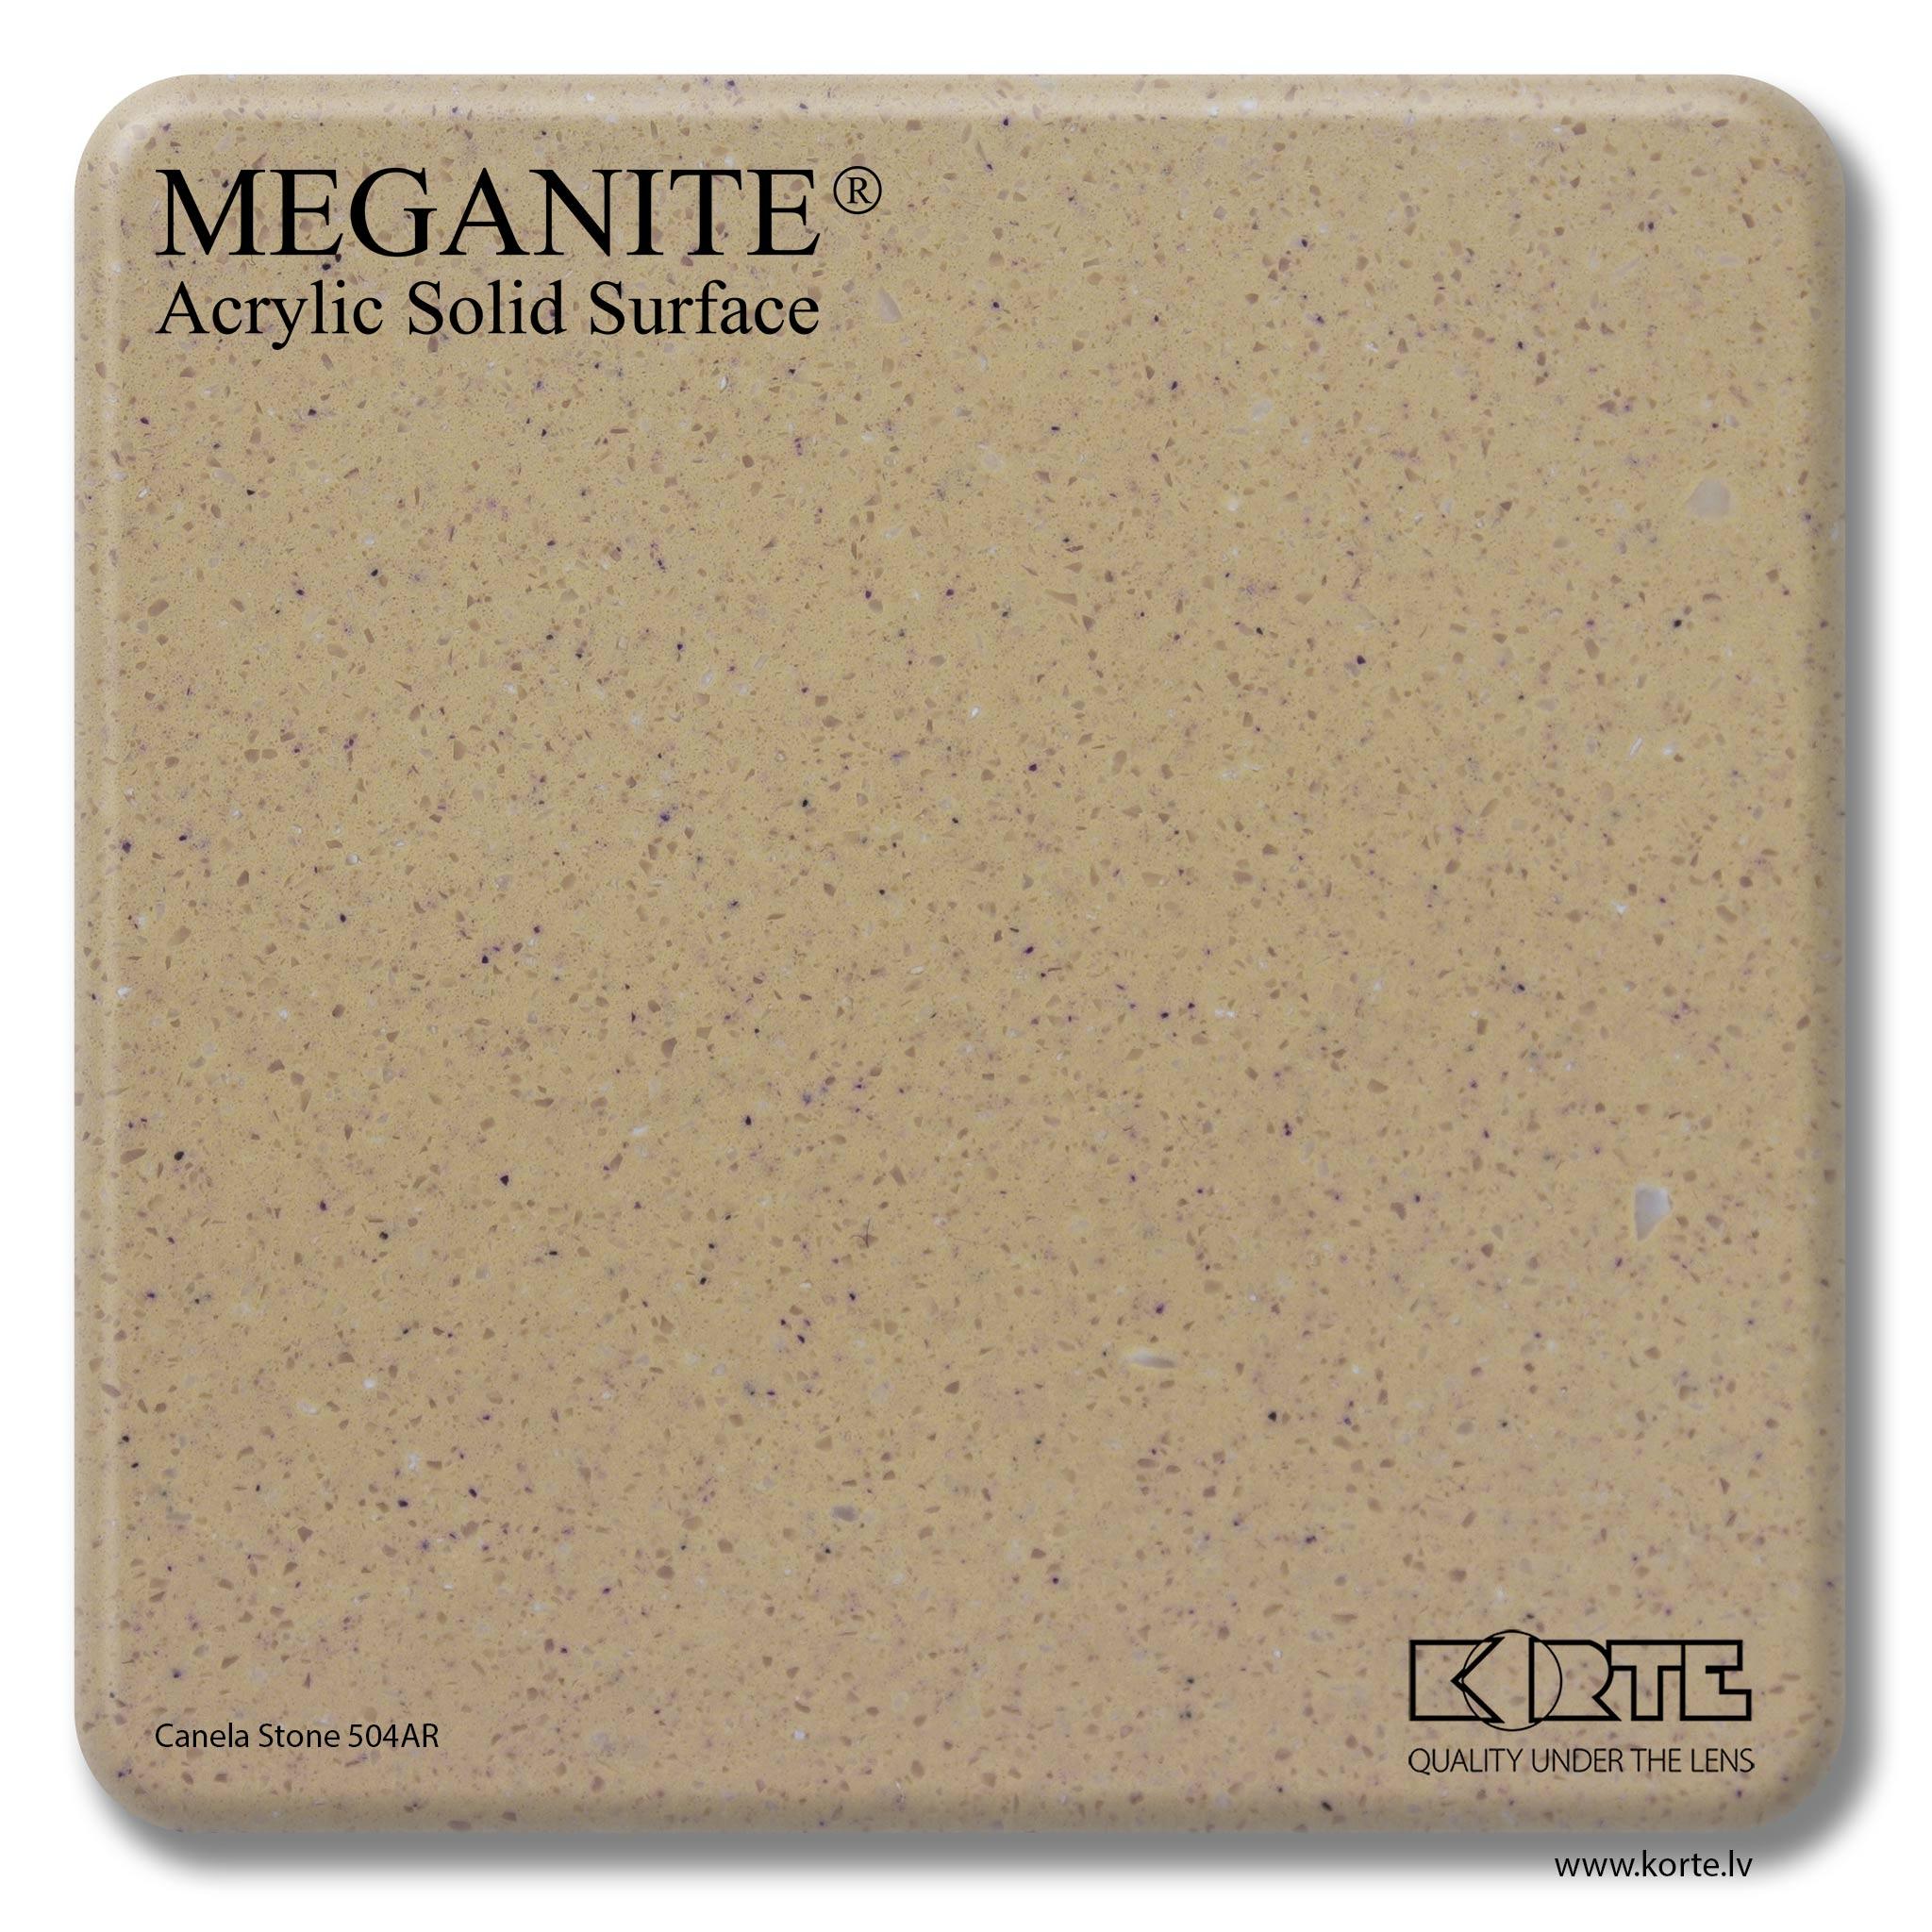 Meganite Canela Stone 504AR